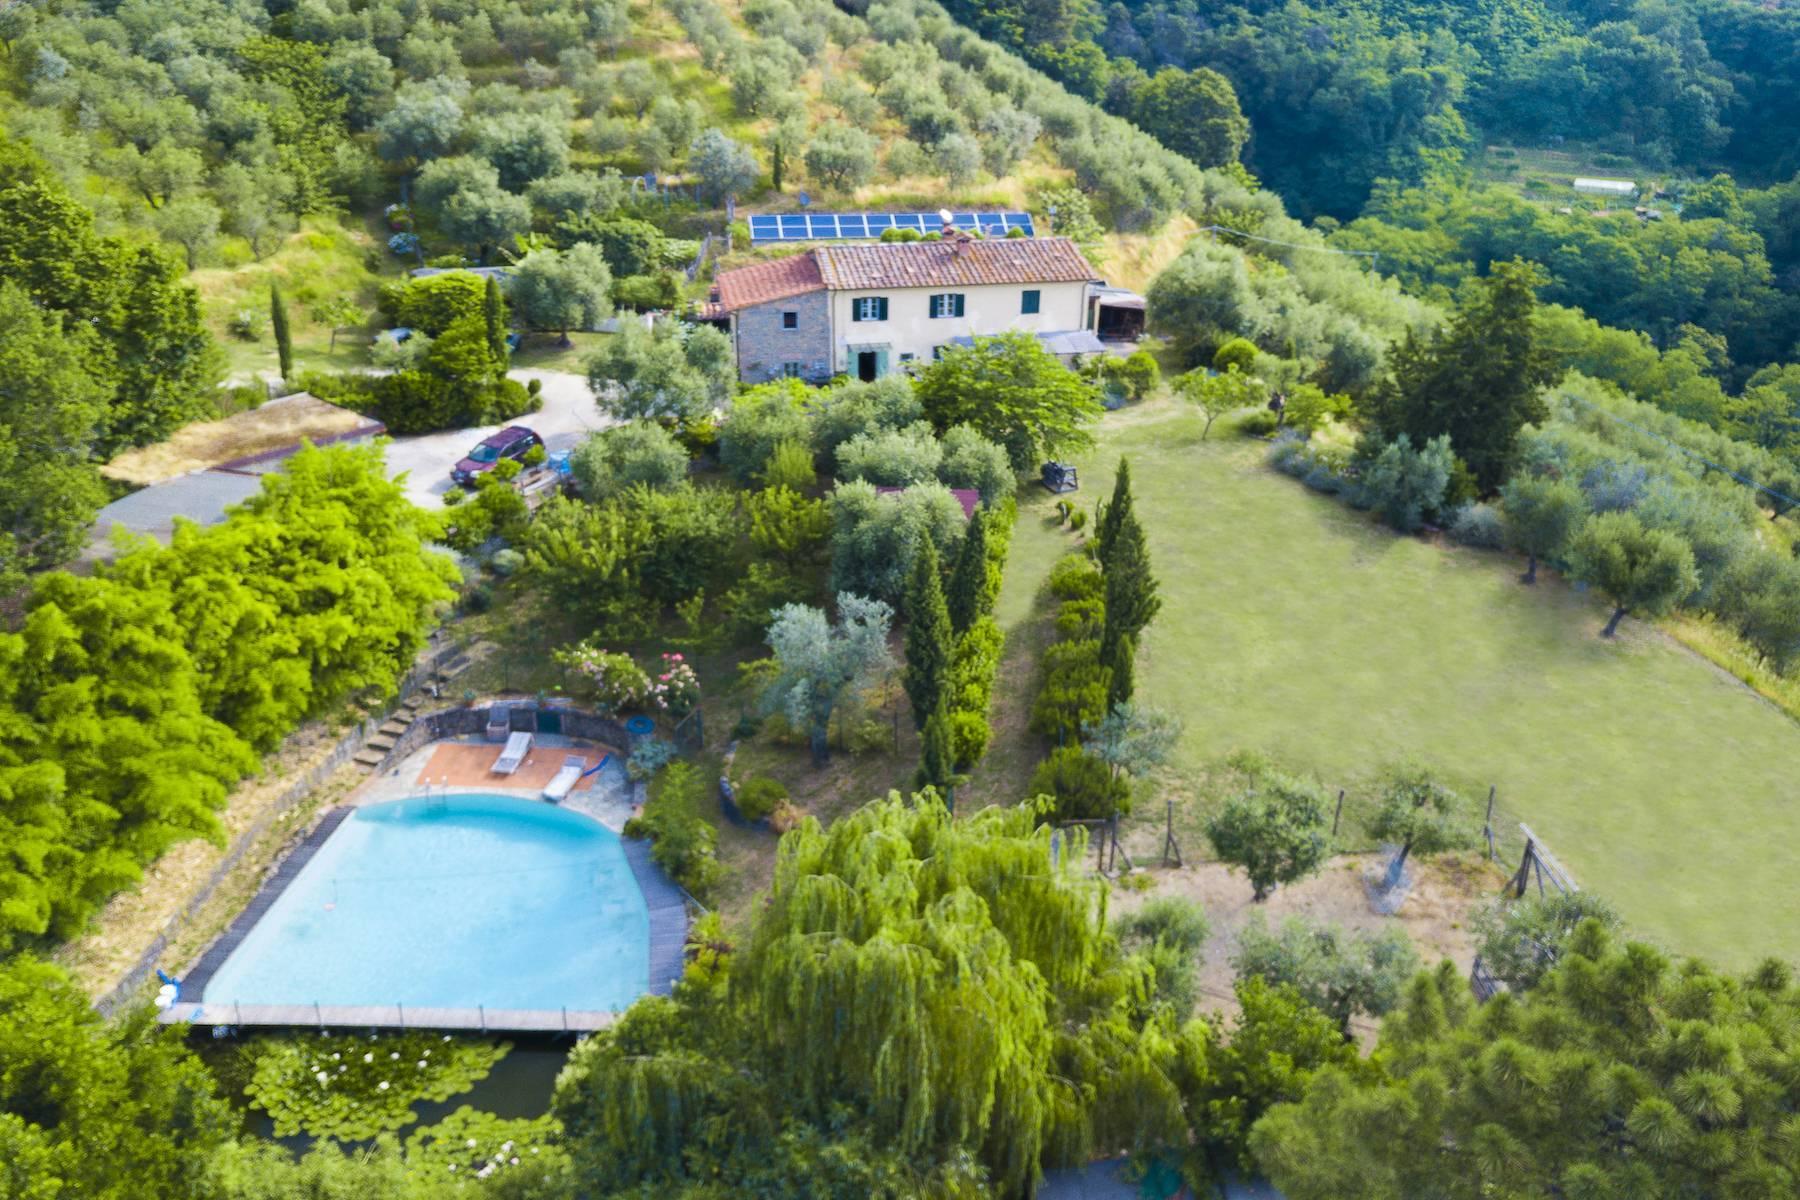 位于佛罗伦萨(Florence)和卢卡(Lucca)之间的浪漫农舍 - 28